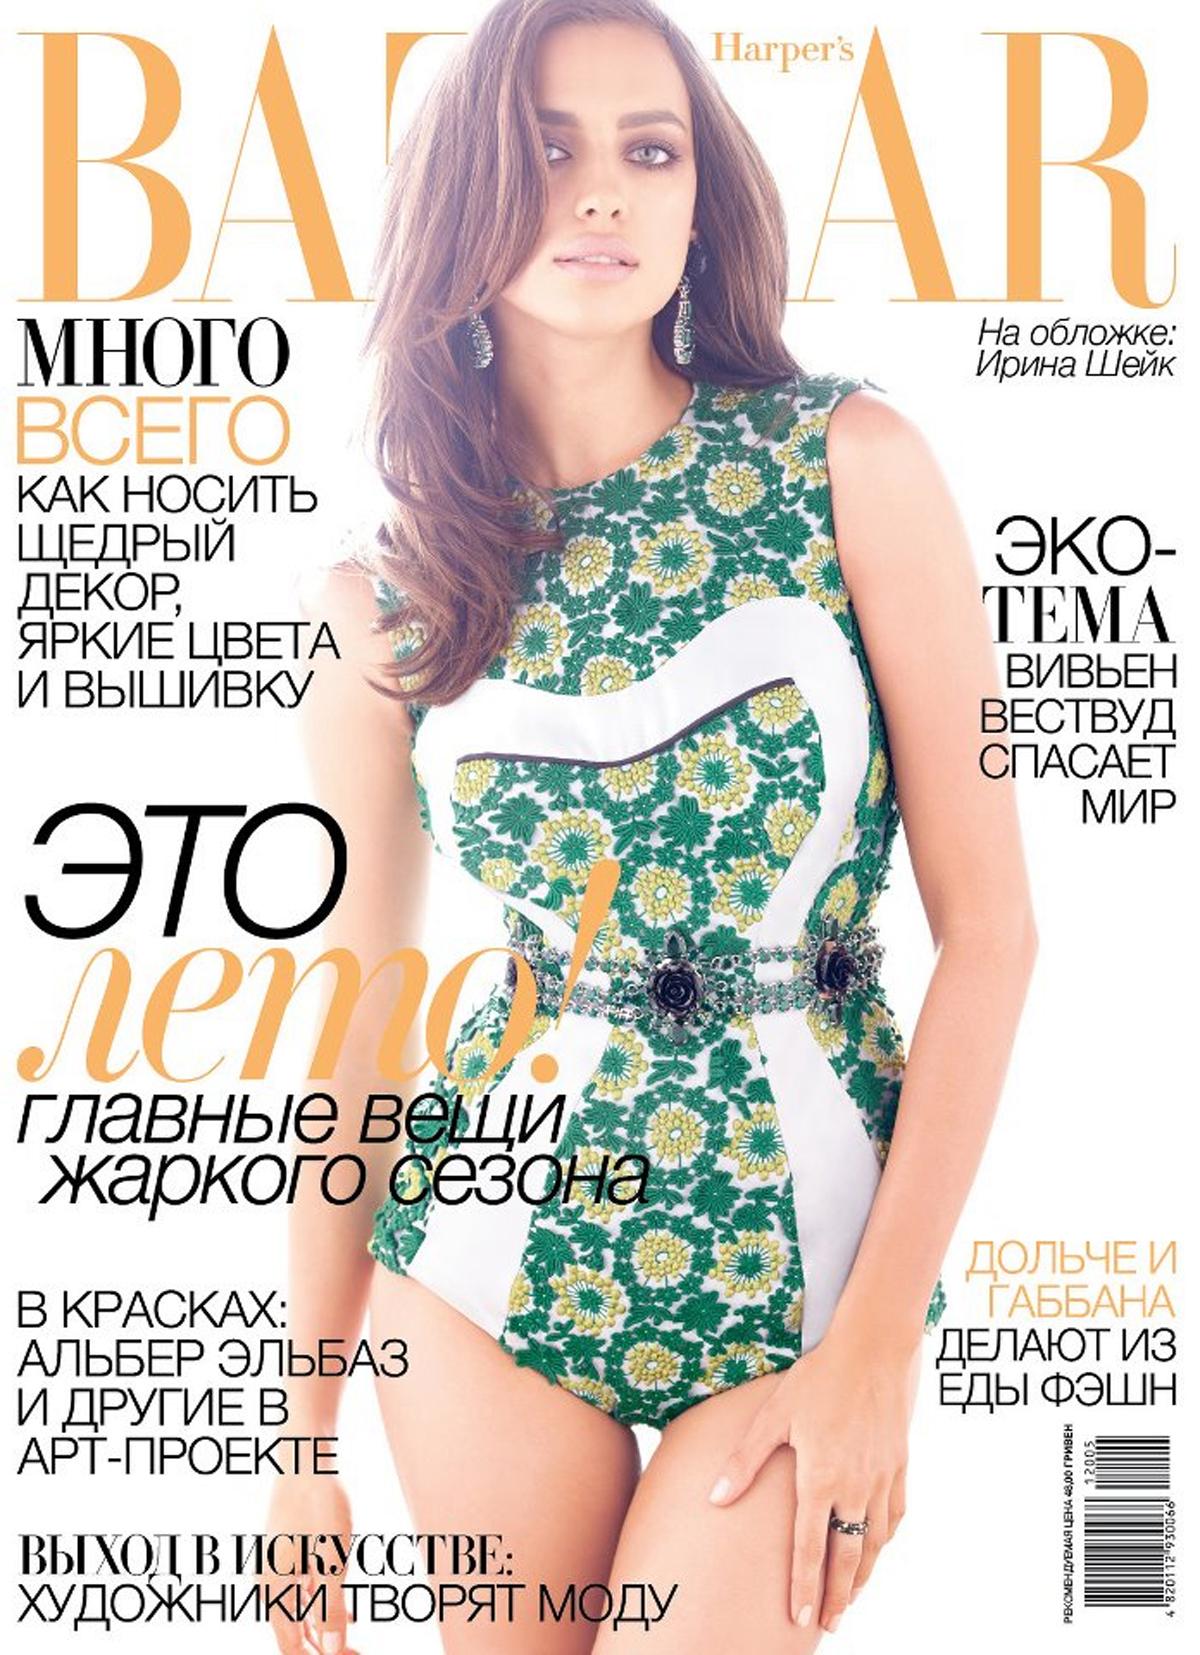 Harper's Bazaar Ukraine, May 2012